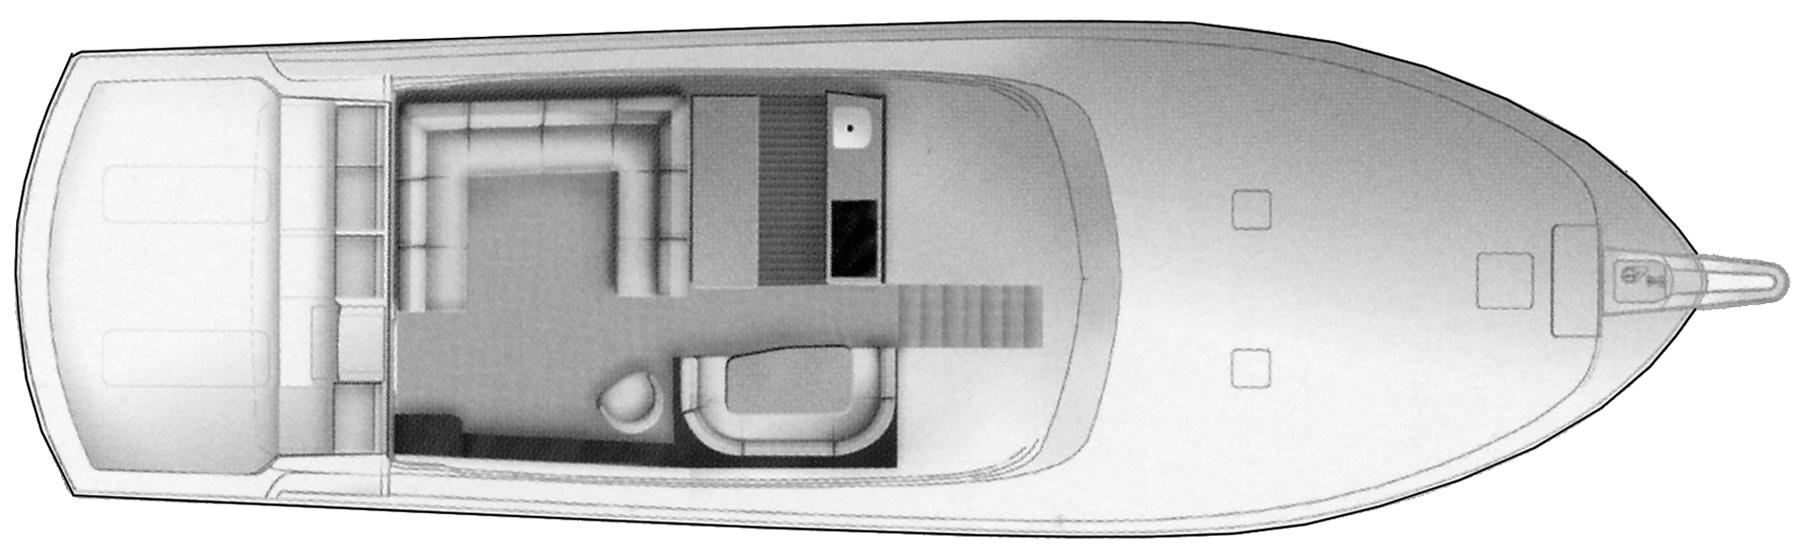 64 Convertible Floor Plan 2